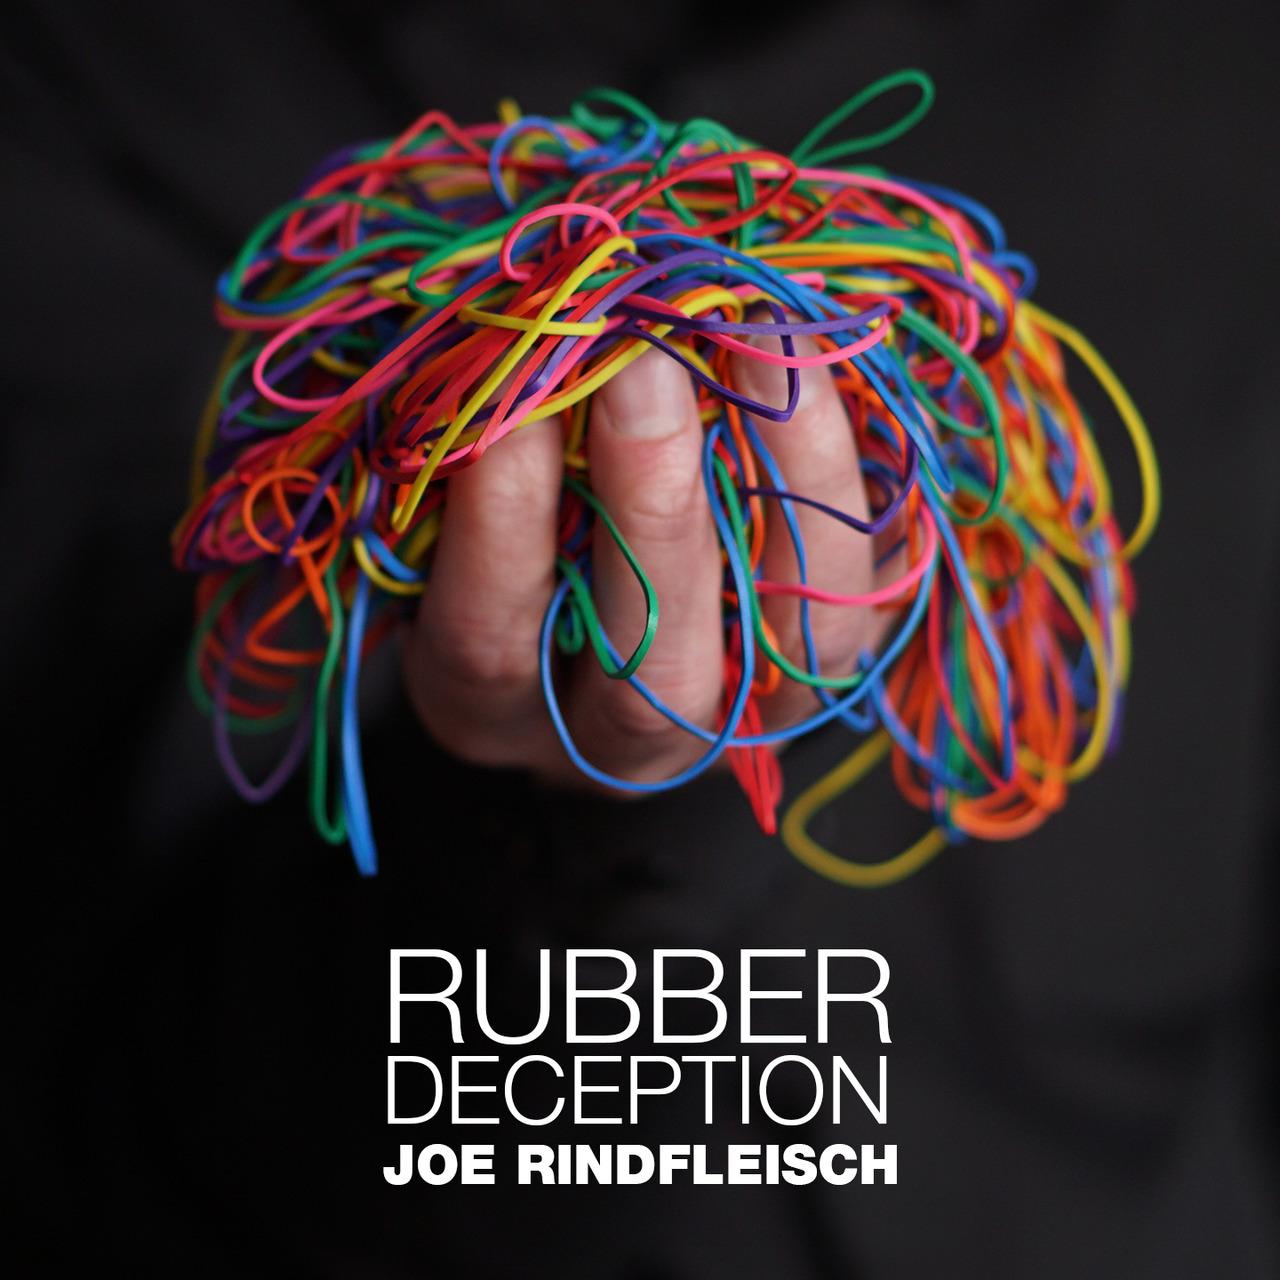 Rubber Deception by Joe Rindfleisch